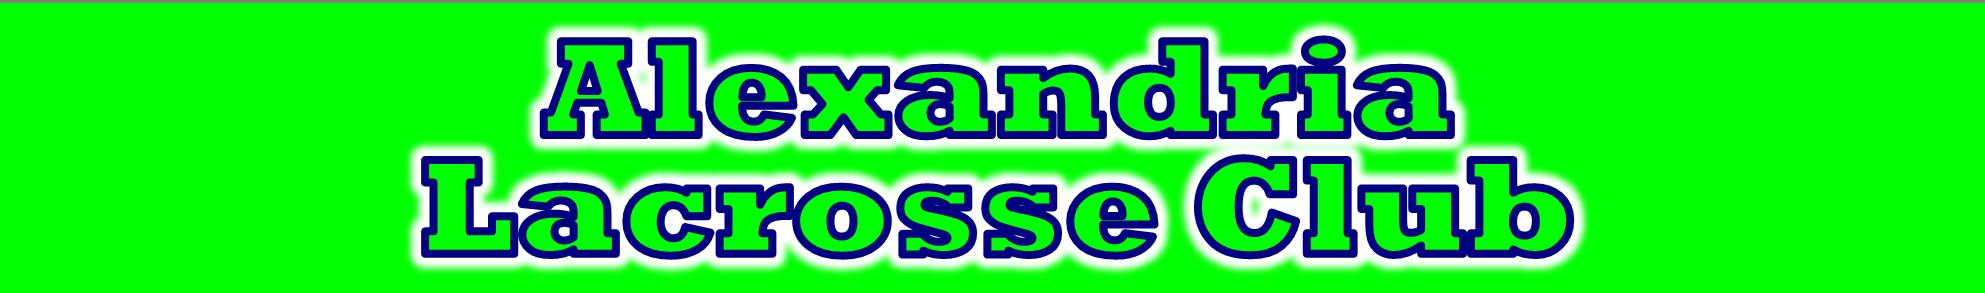 Alexandria Lacrosse Club, Lacrosse, Goal, Field